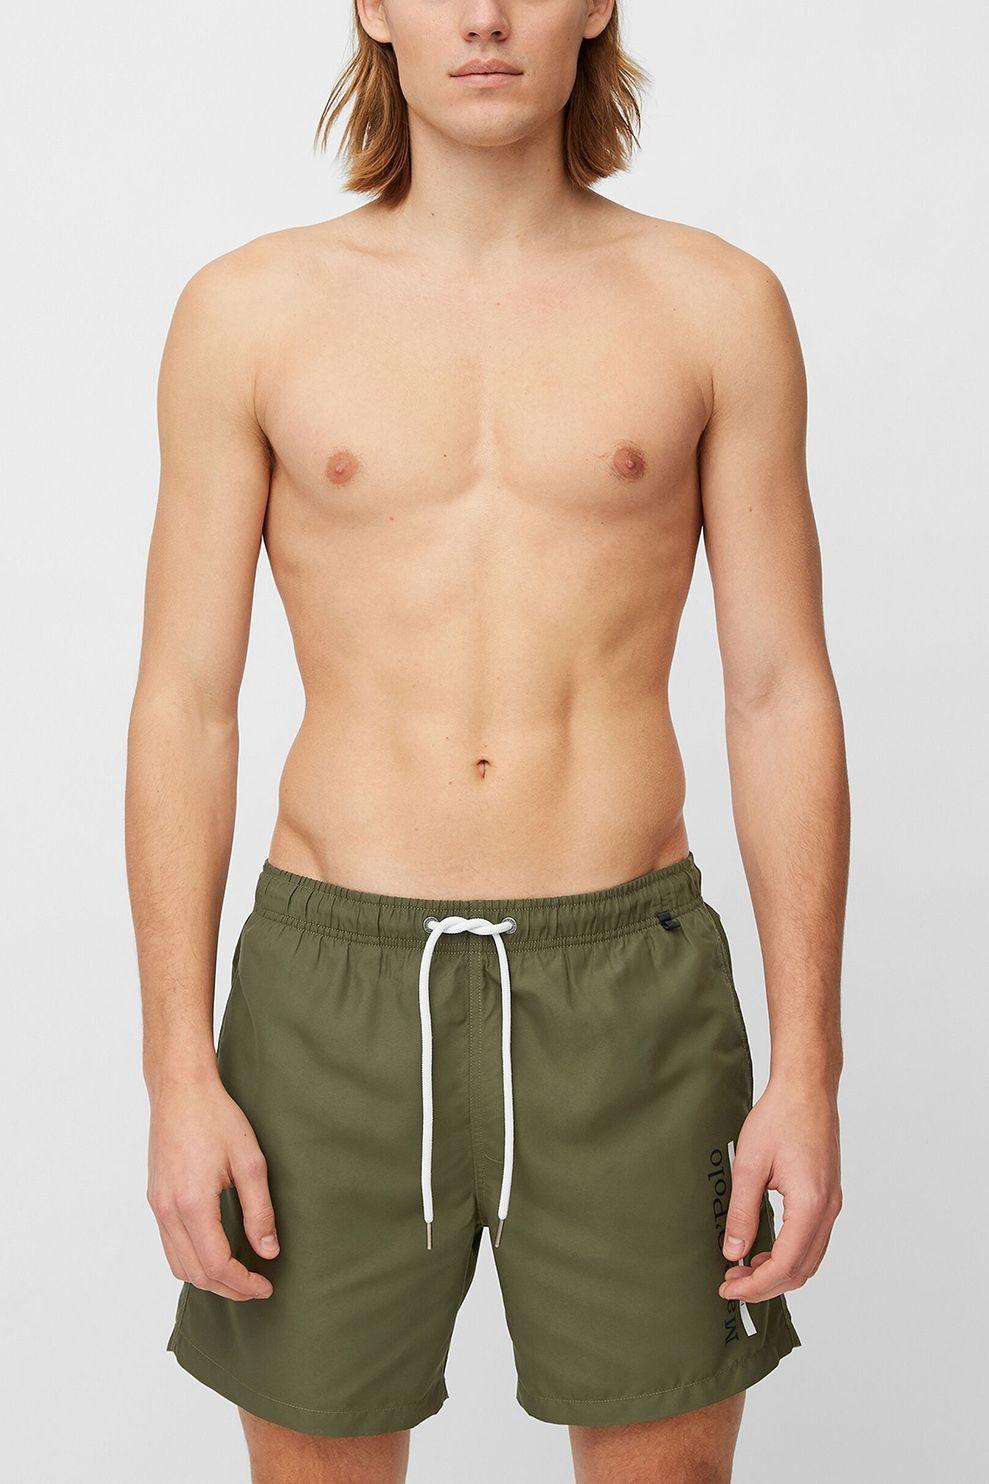 Marc O'Polo Zwemshort Beach Shorts voor heren - DonkerGroen - Maten: S, M, L, XL